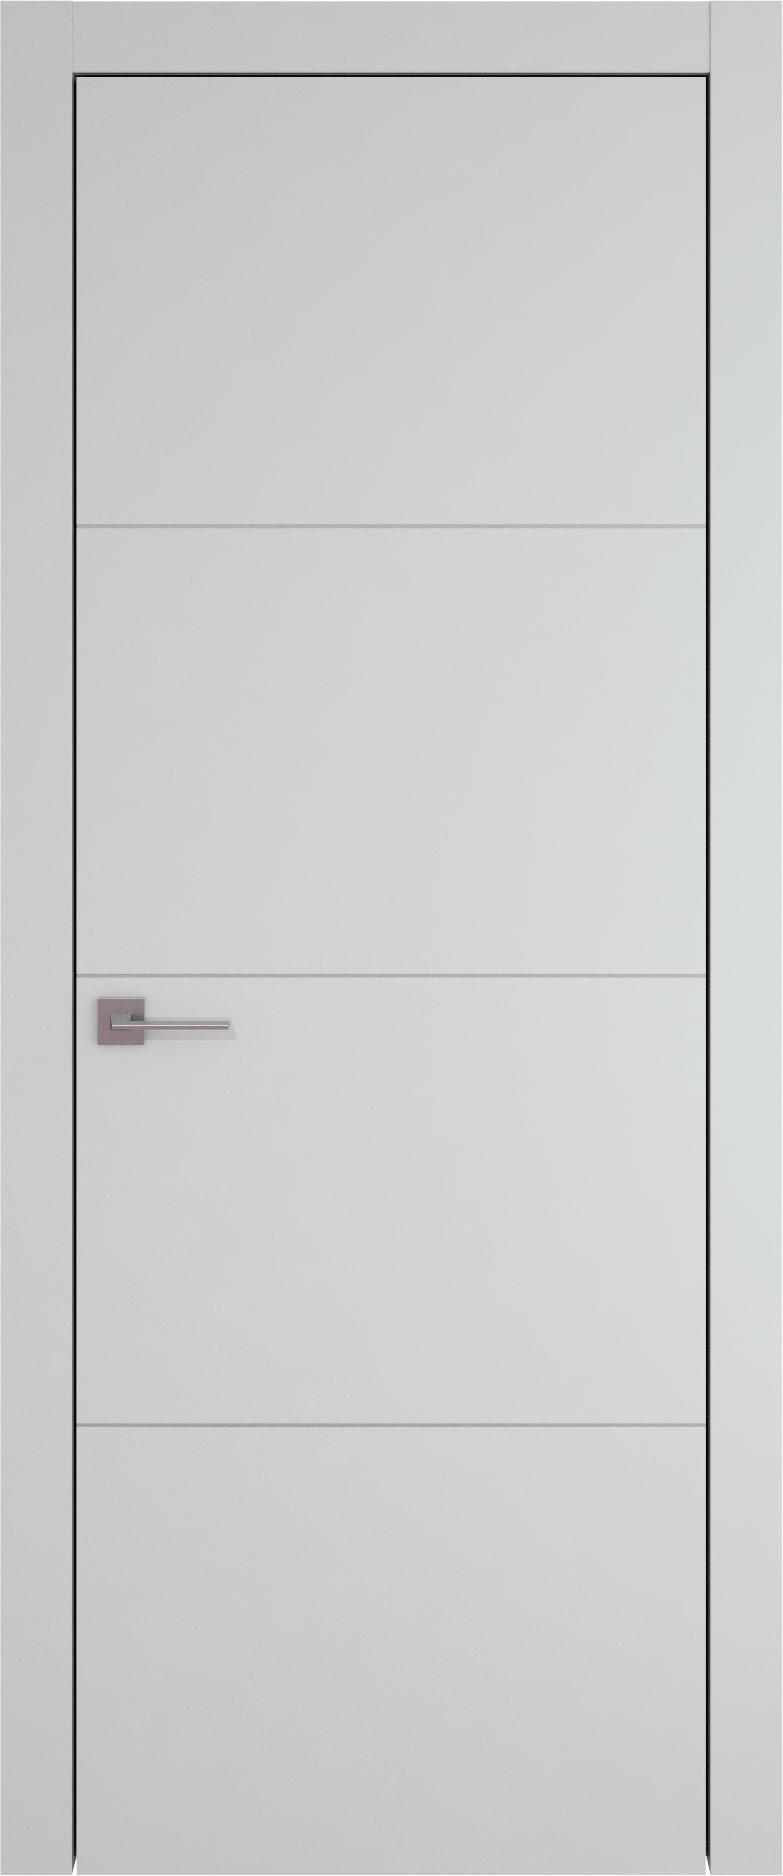 Tivoli Г-3 цвет - Серая эмаль (RAL 7047) Без стекла (ДГ)